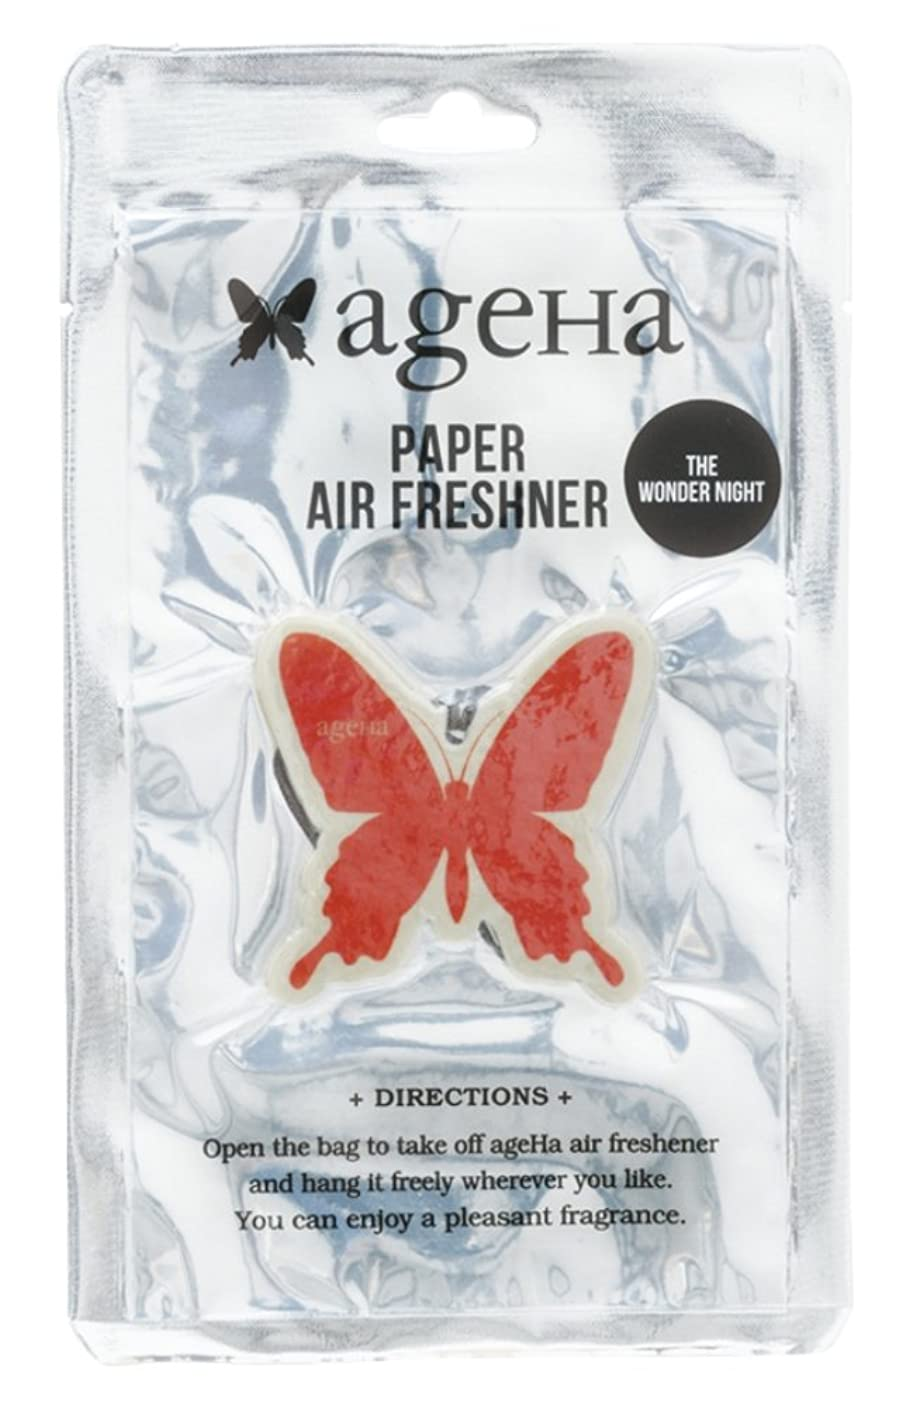 一握り寛容な連合ageha エアーフレッシュナー バタフライ 吊り下げ ワンダーナイトの香り OA-AGE-3-1